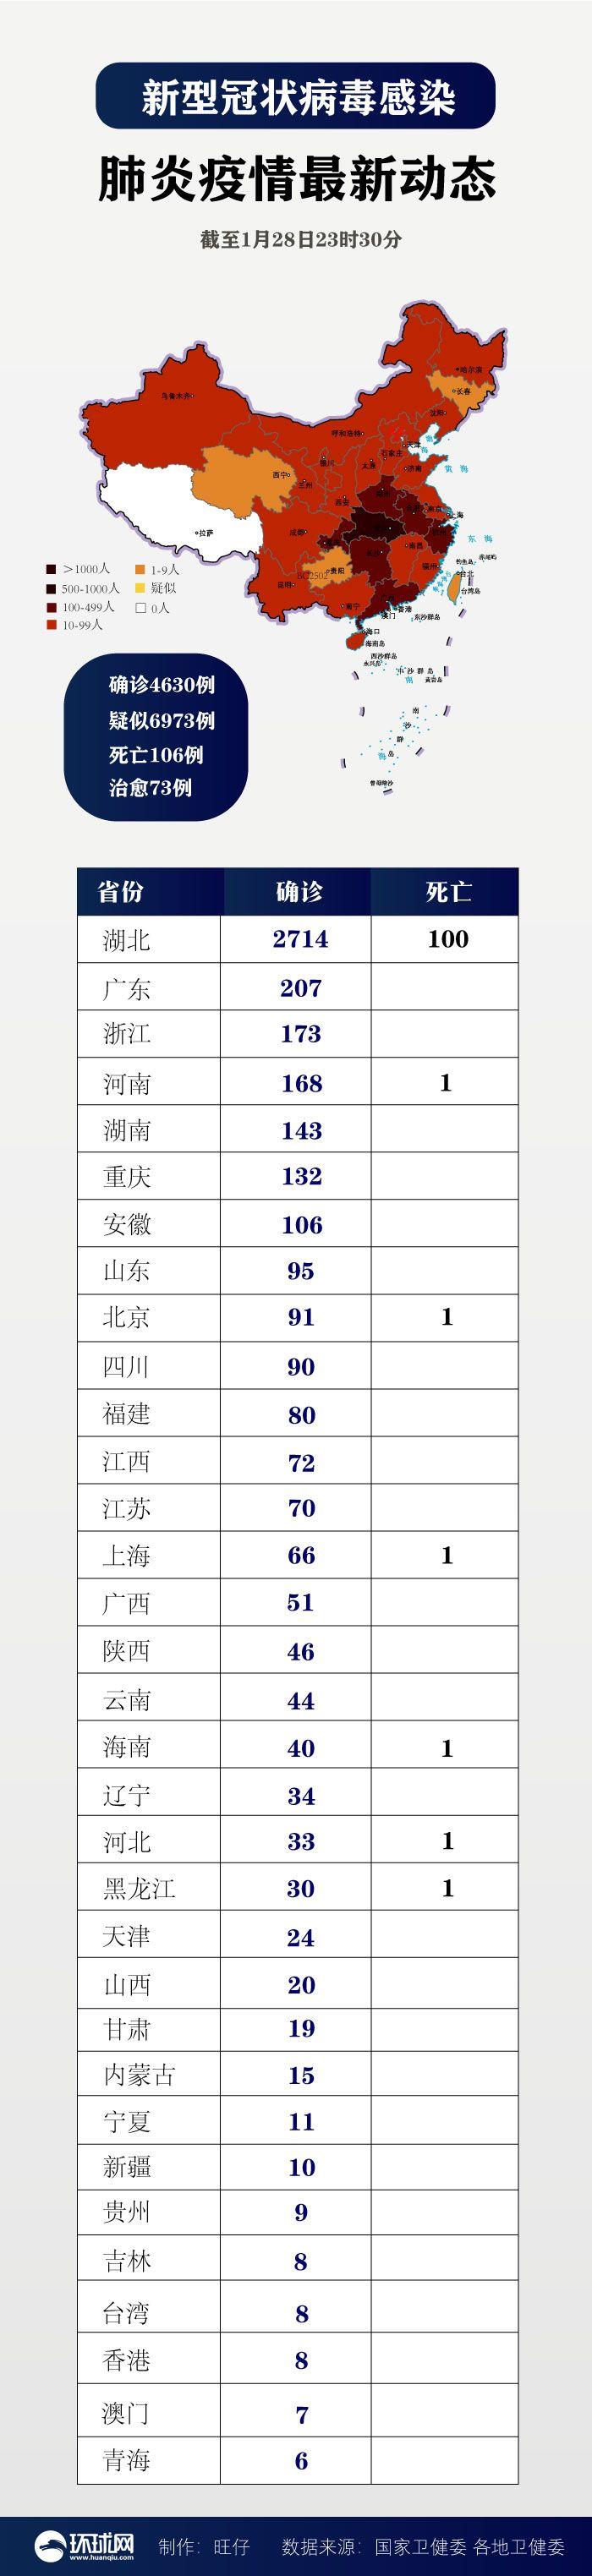 美高梅现跌近2%遭剔出MSCI港指